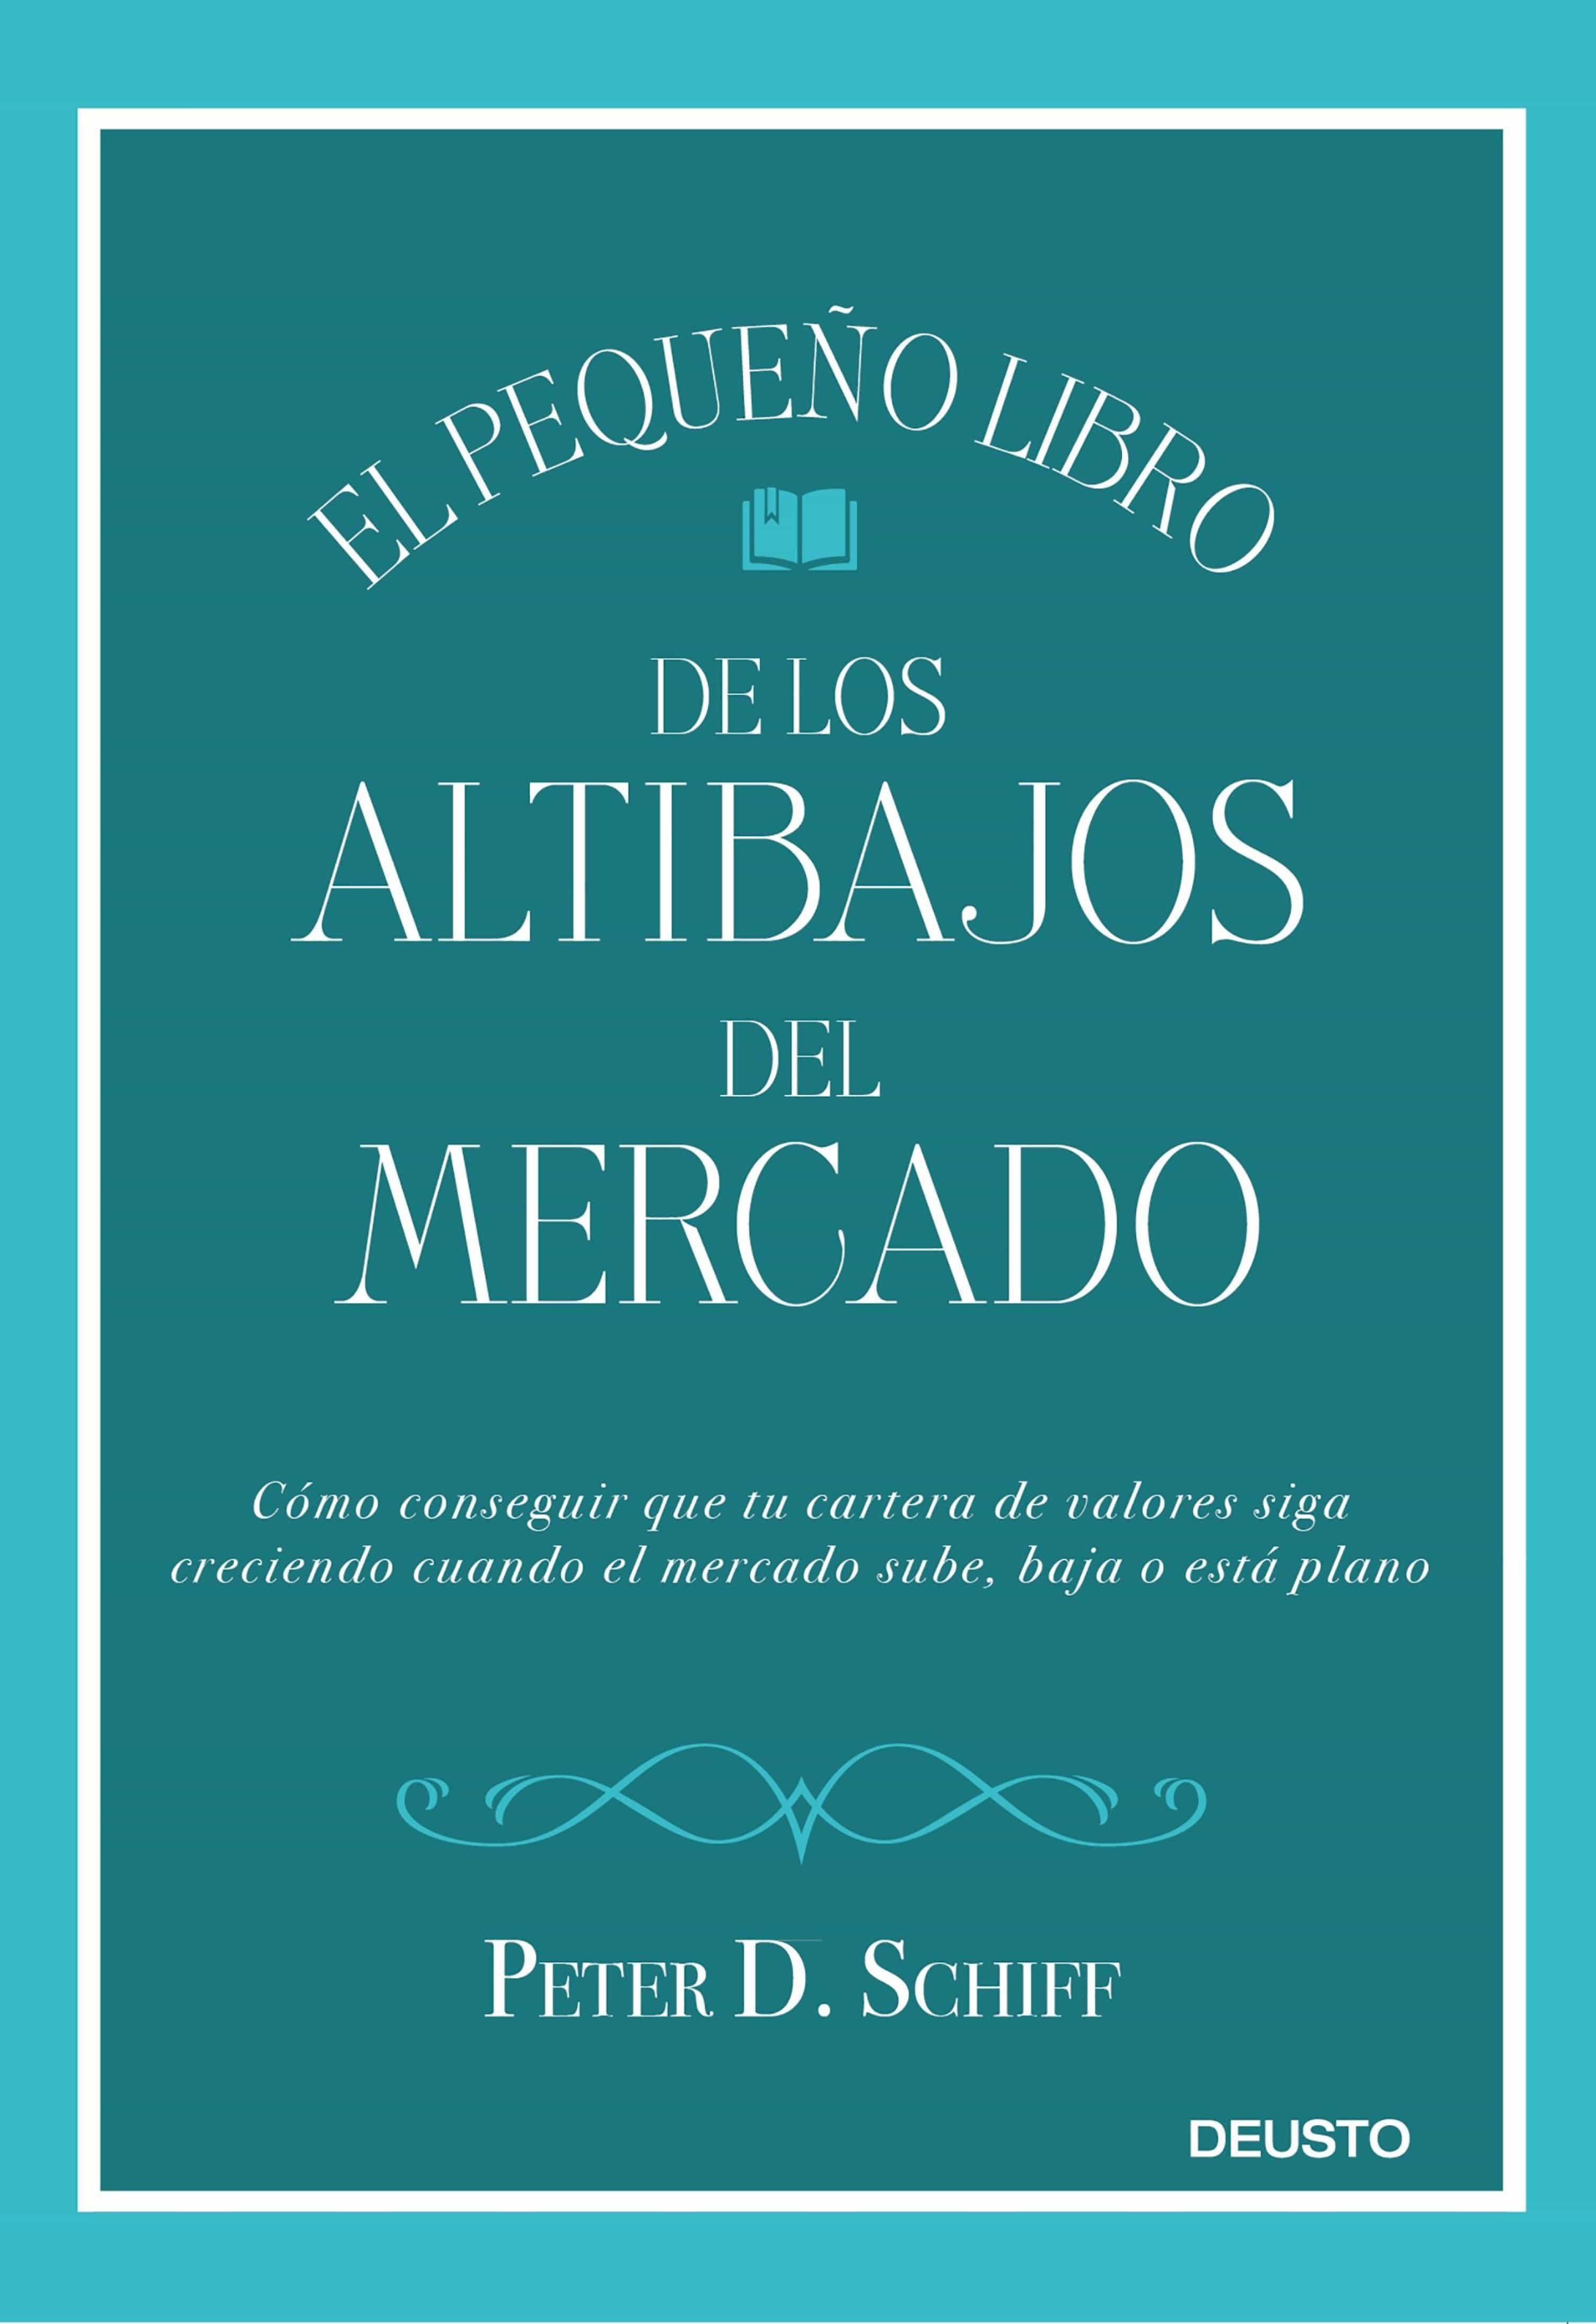 El Pequeño Libro De Los Altibajos Del Mercado   por Peter D. Schiff